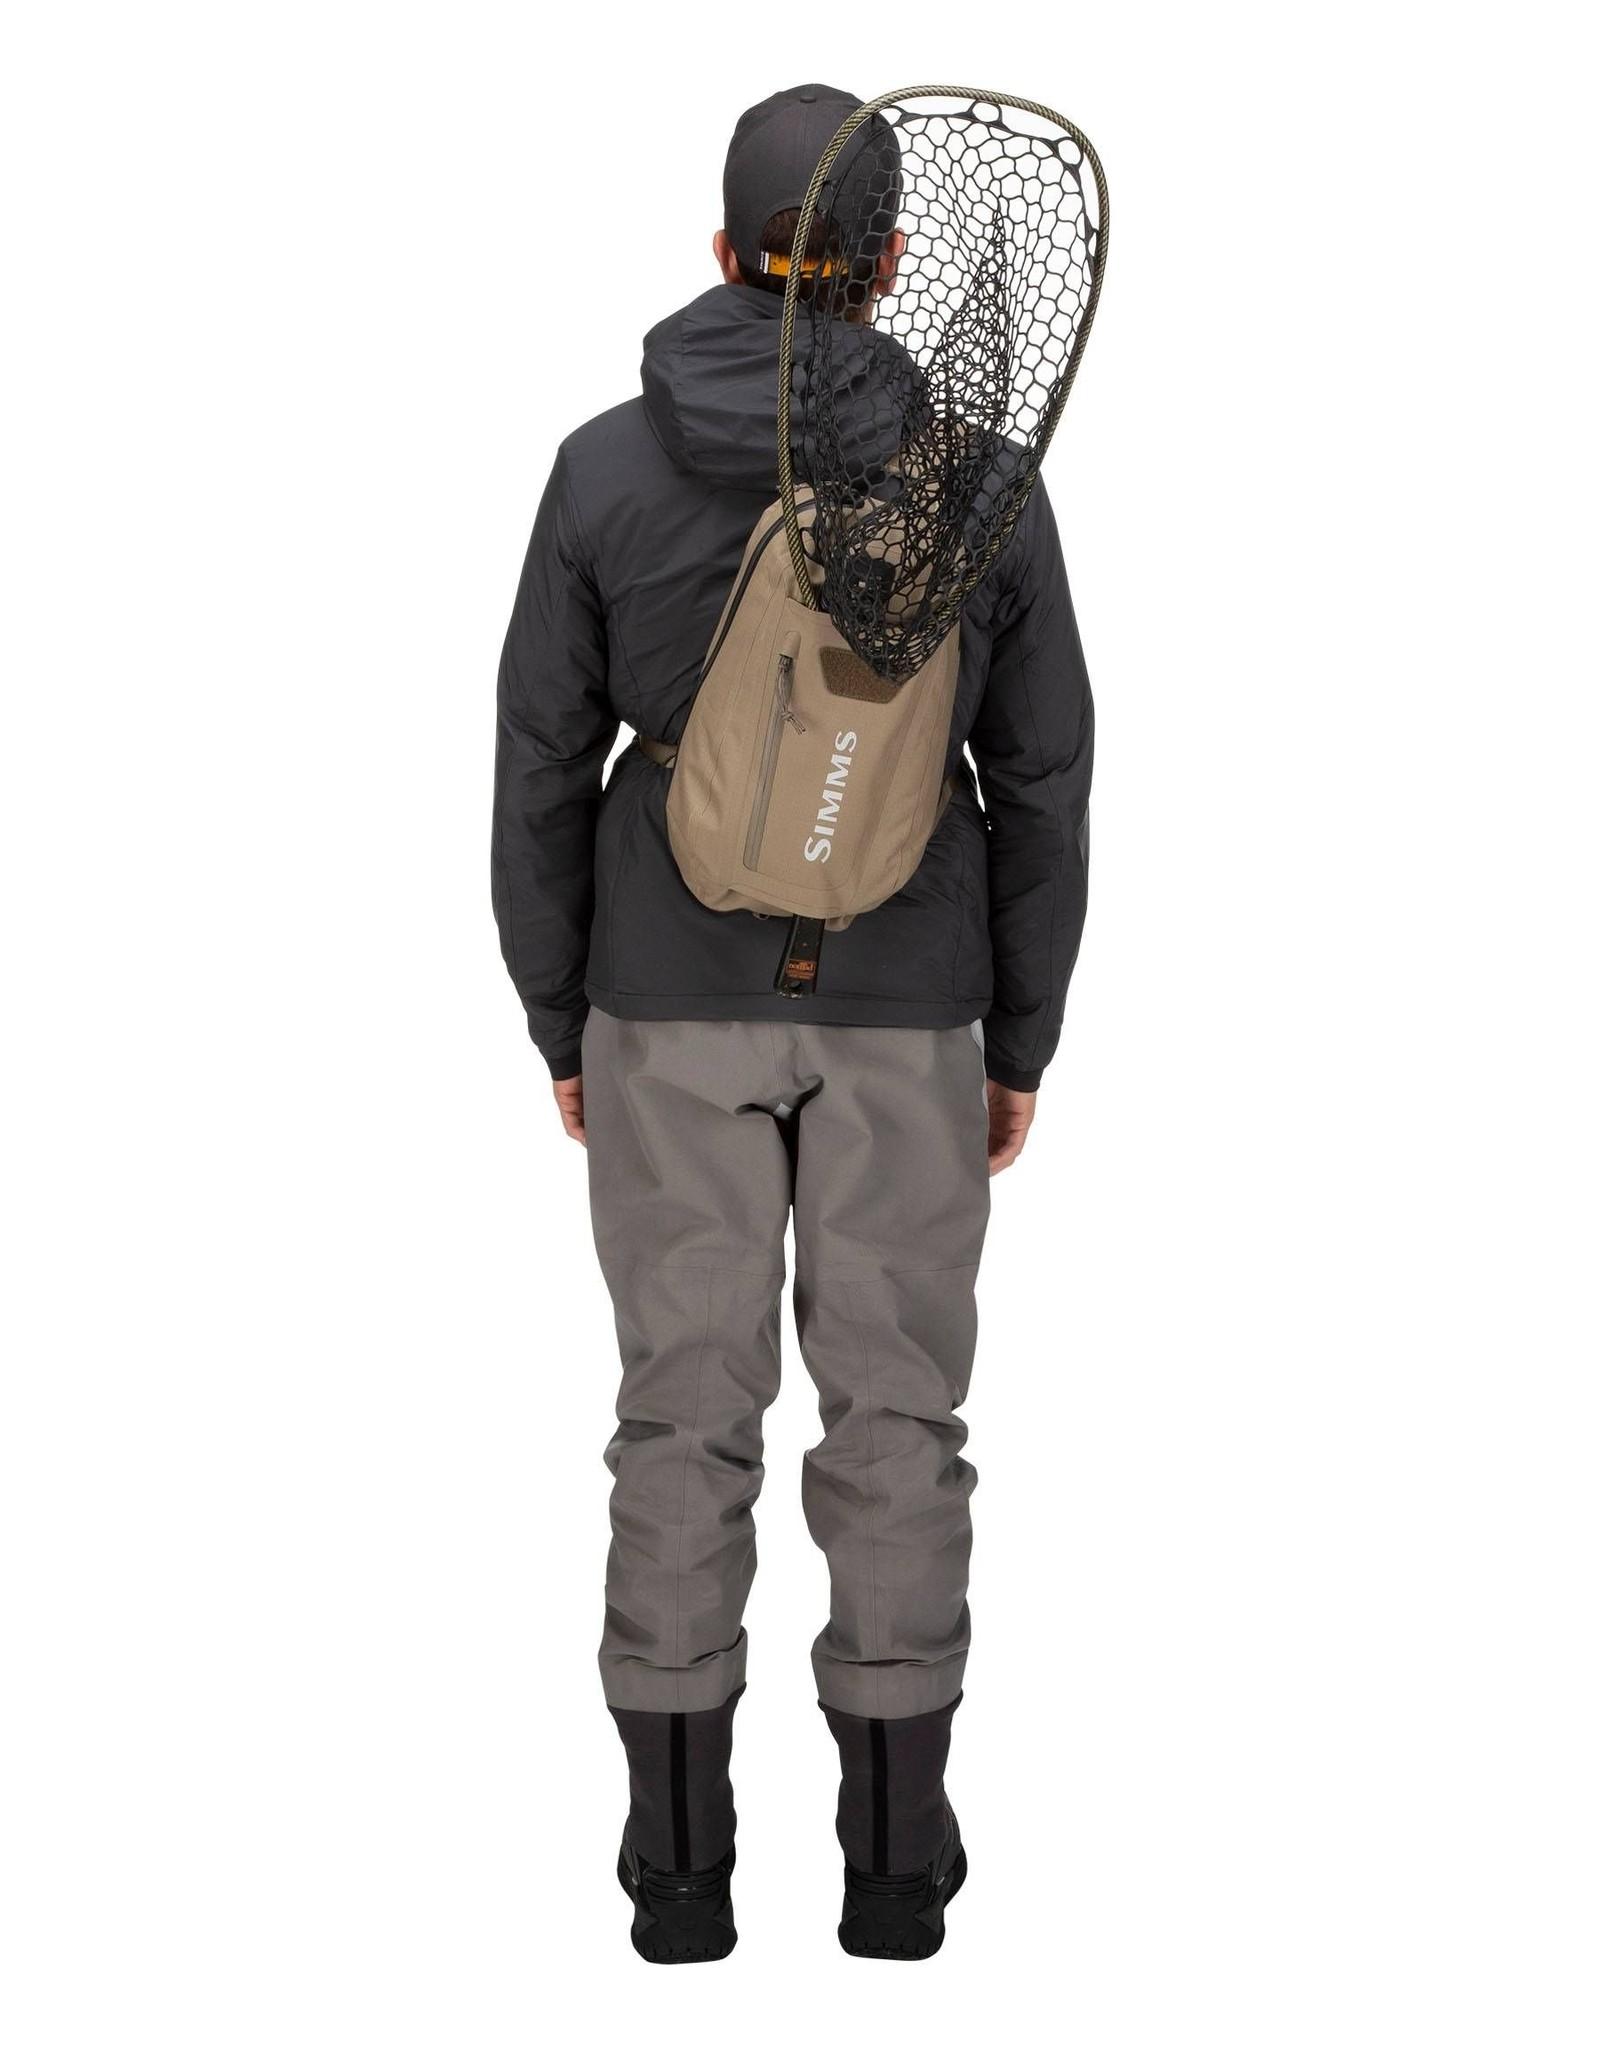 Simms Simms - Dry Creek Z Fishing Sling Pack - 15L